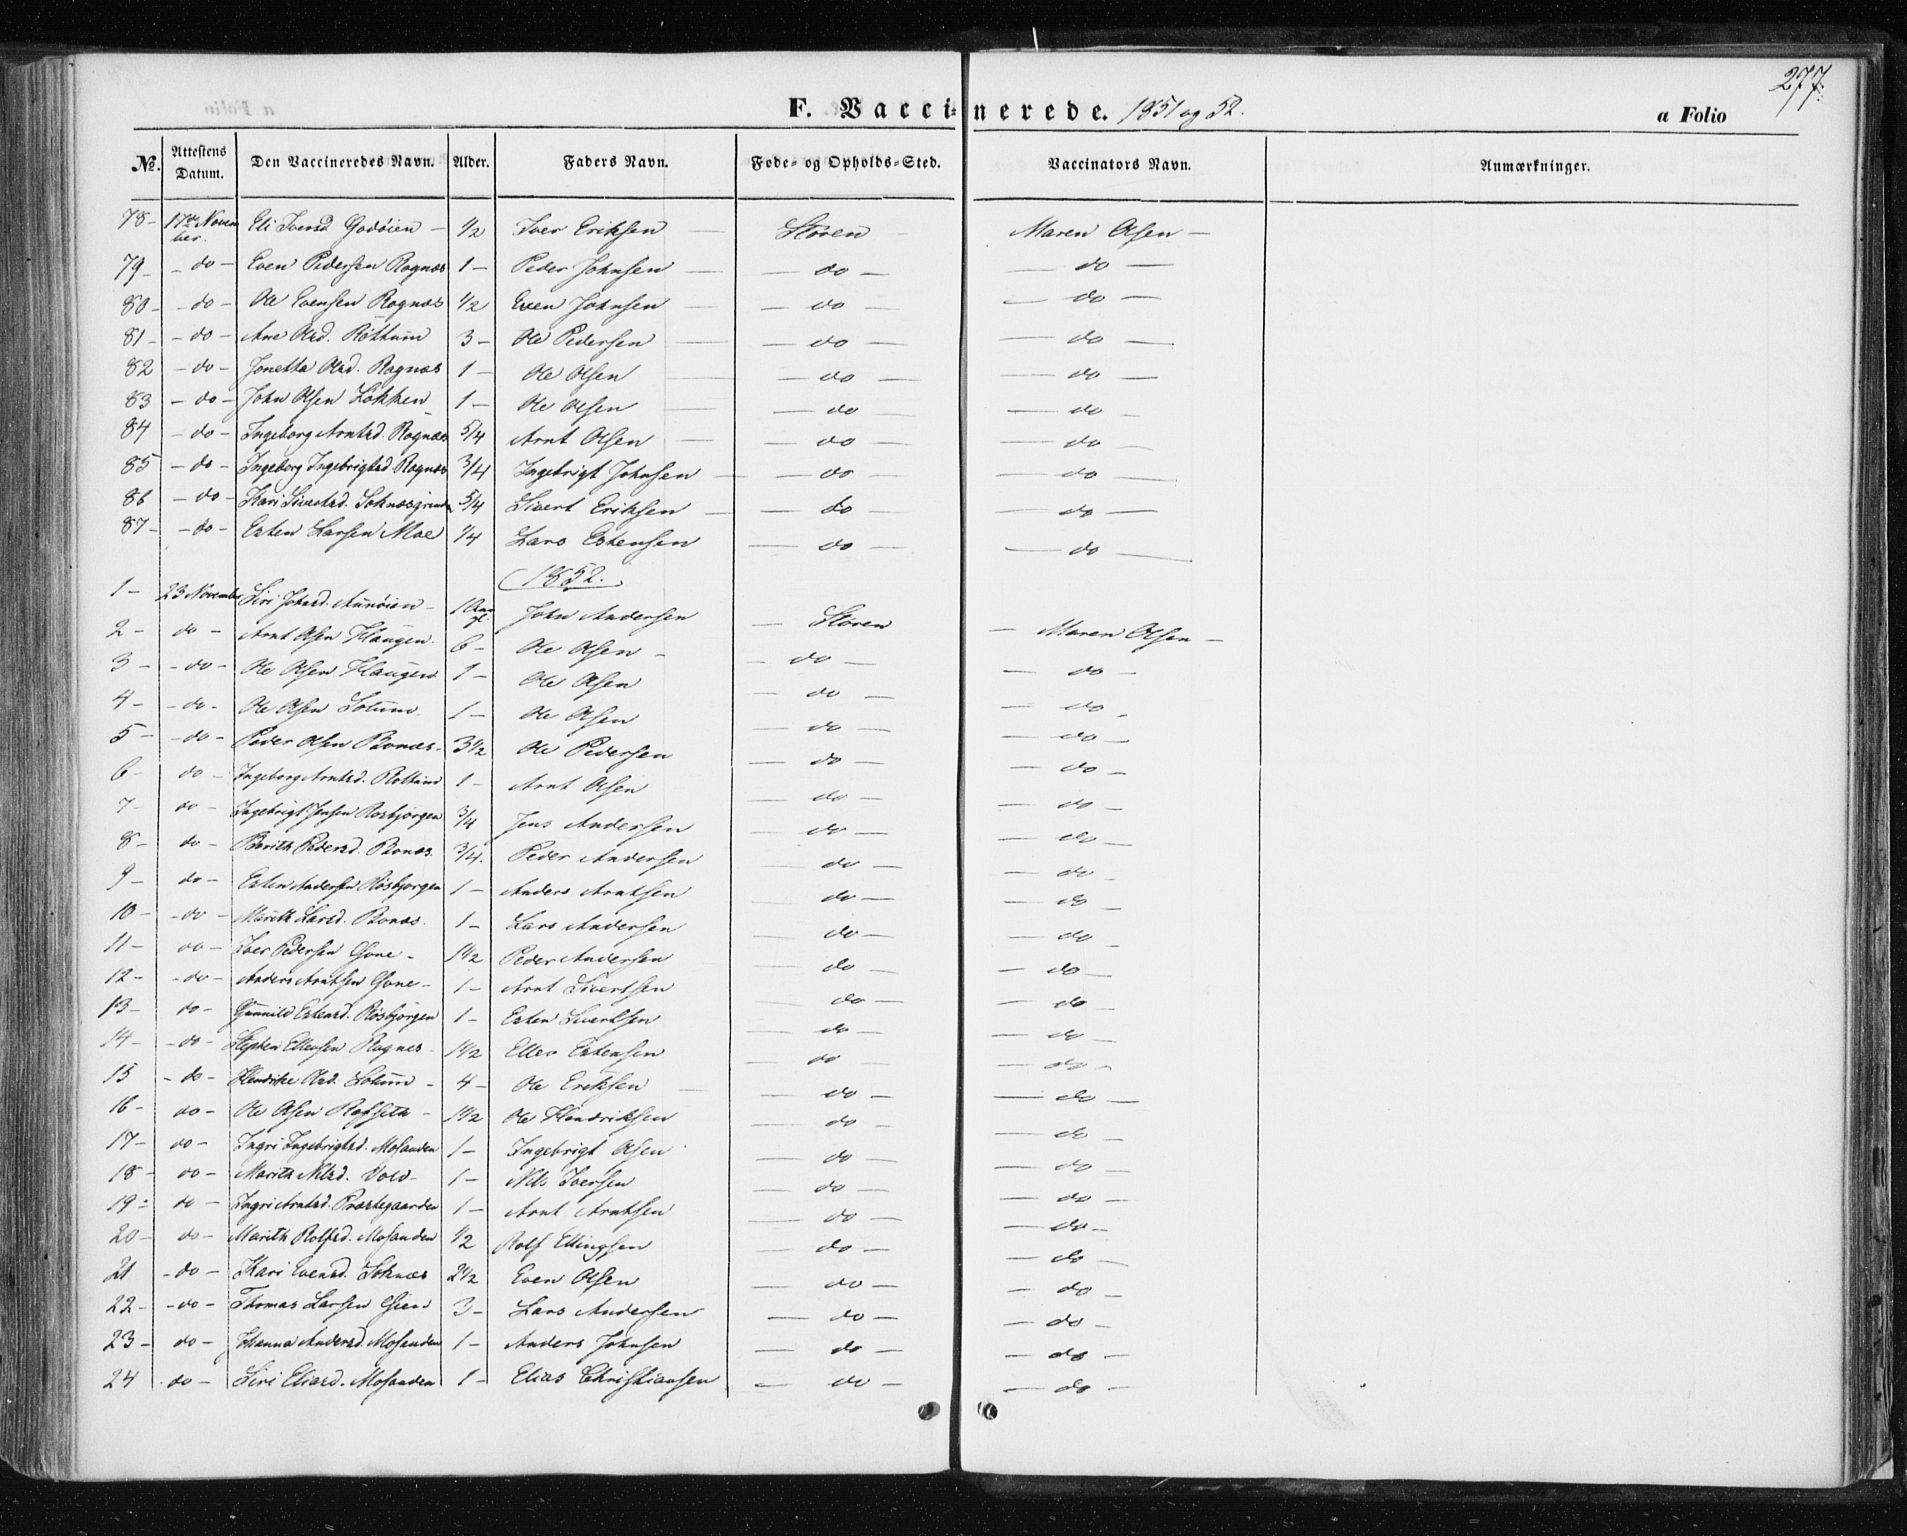 SAT, Ministerialprotokoller, klokkerbøker og fødselsregistre - Sør-Trøndelag, 687/L1000: Ministerialbok nr. 687A06, 1848-1869, s. 277